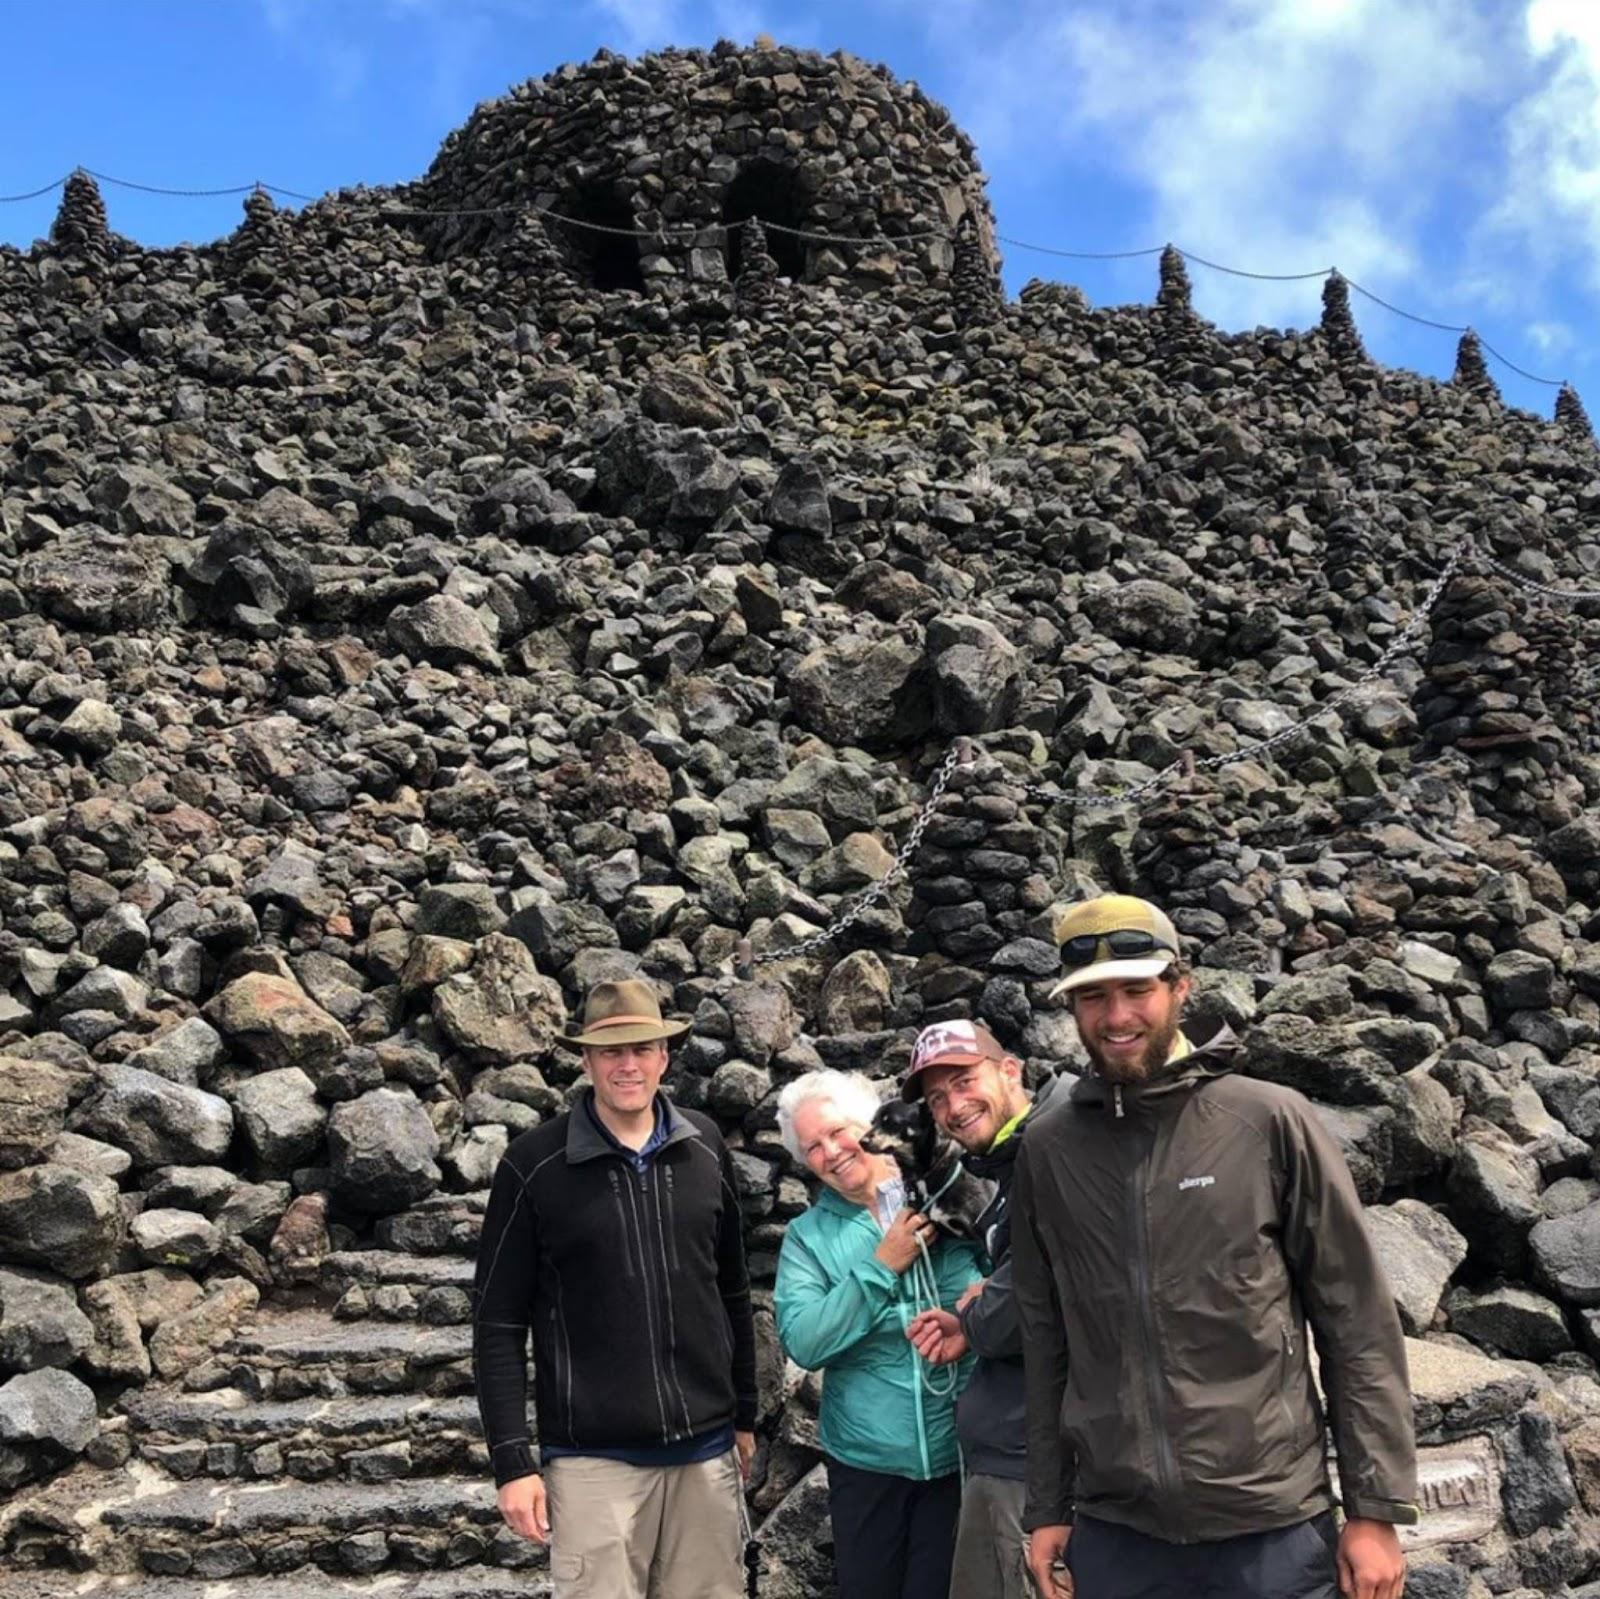 Nog een top voorbeeld van trail magic op de Pacific Crest Trail: hikers voeden en verhalen uitwisselen